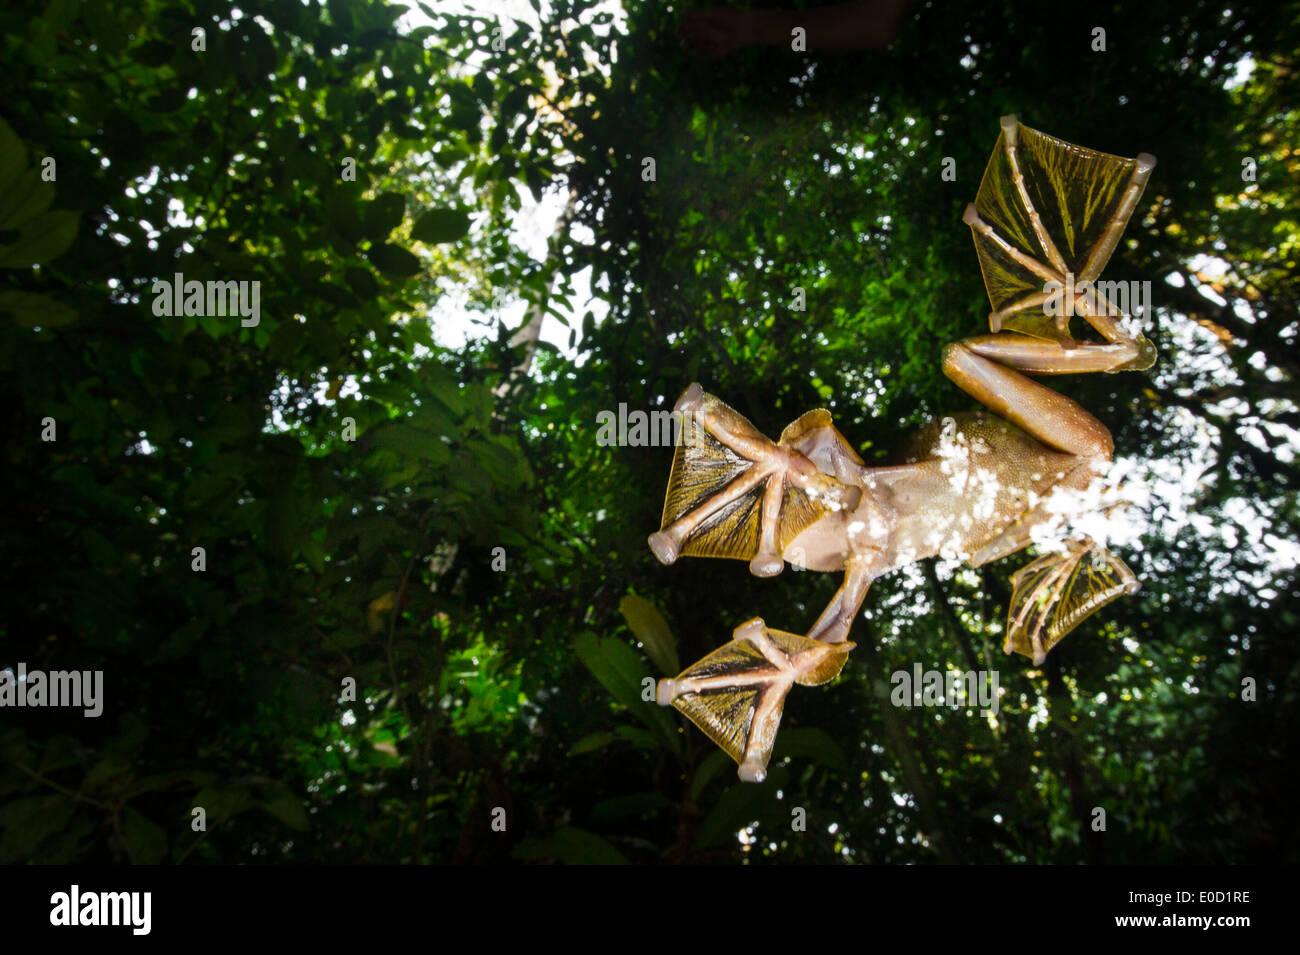 Macho Wallace's Flying Frog volando/deslizándose hacia abajo para agrupaciones temporales en el suelo del bosque, Sabah, Borneo (Rhacophorus nigropalmatus) Foto de stock